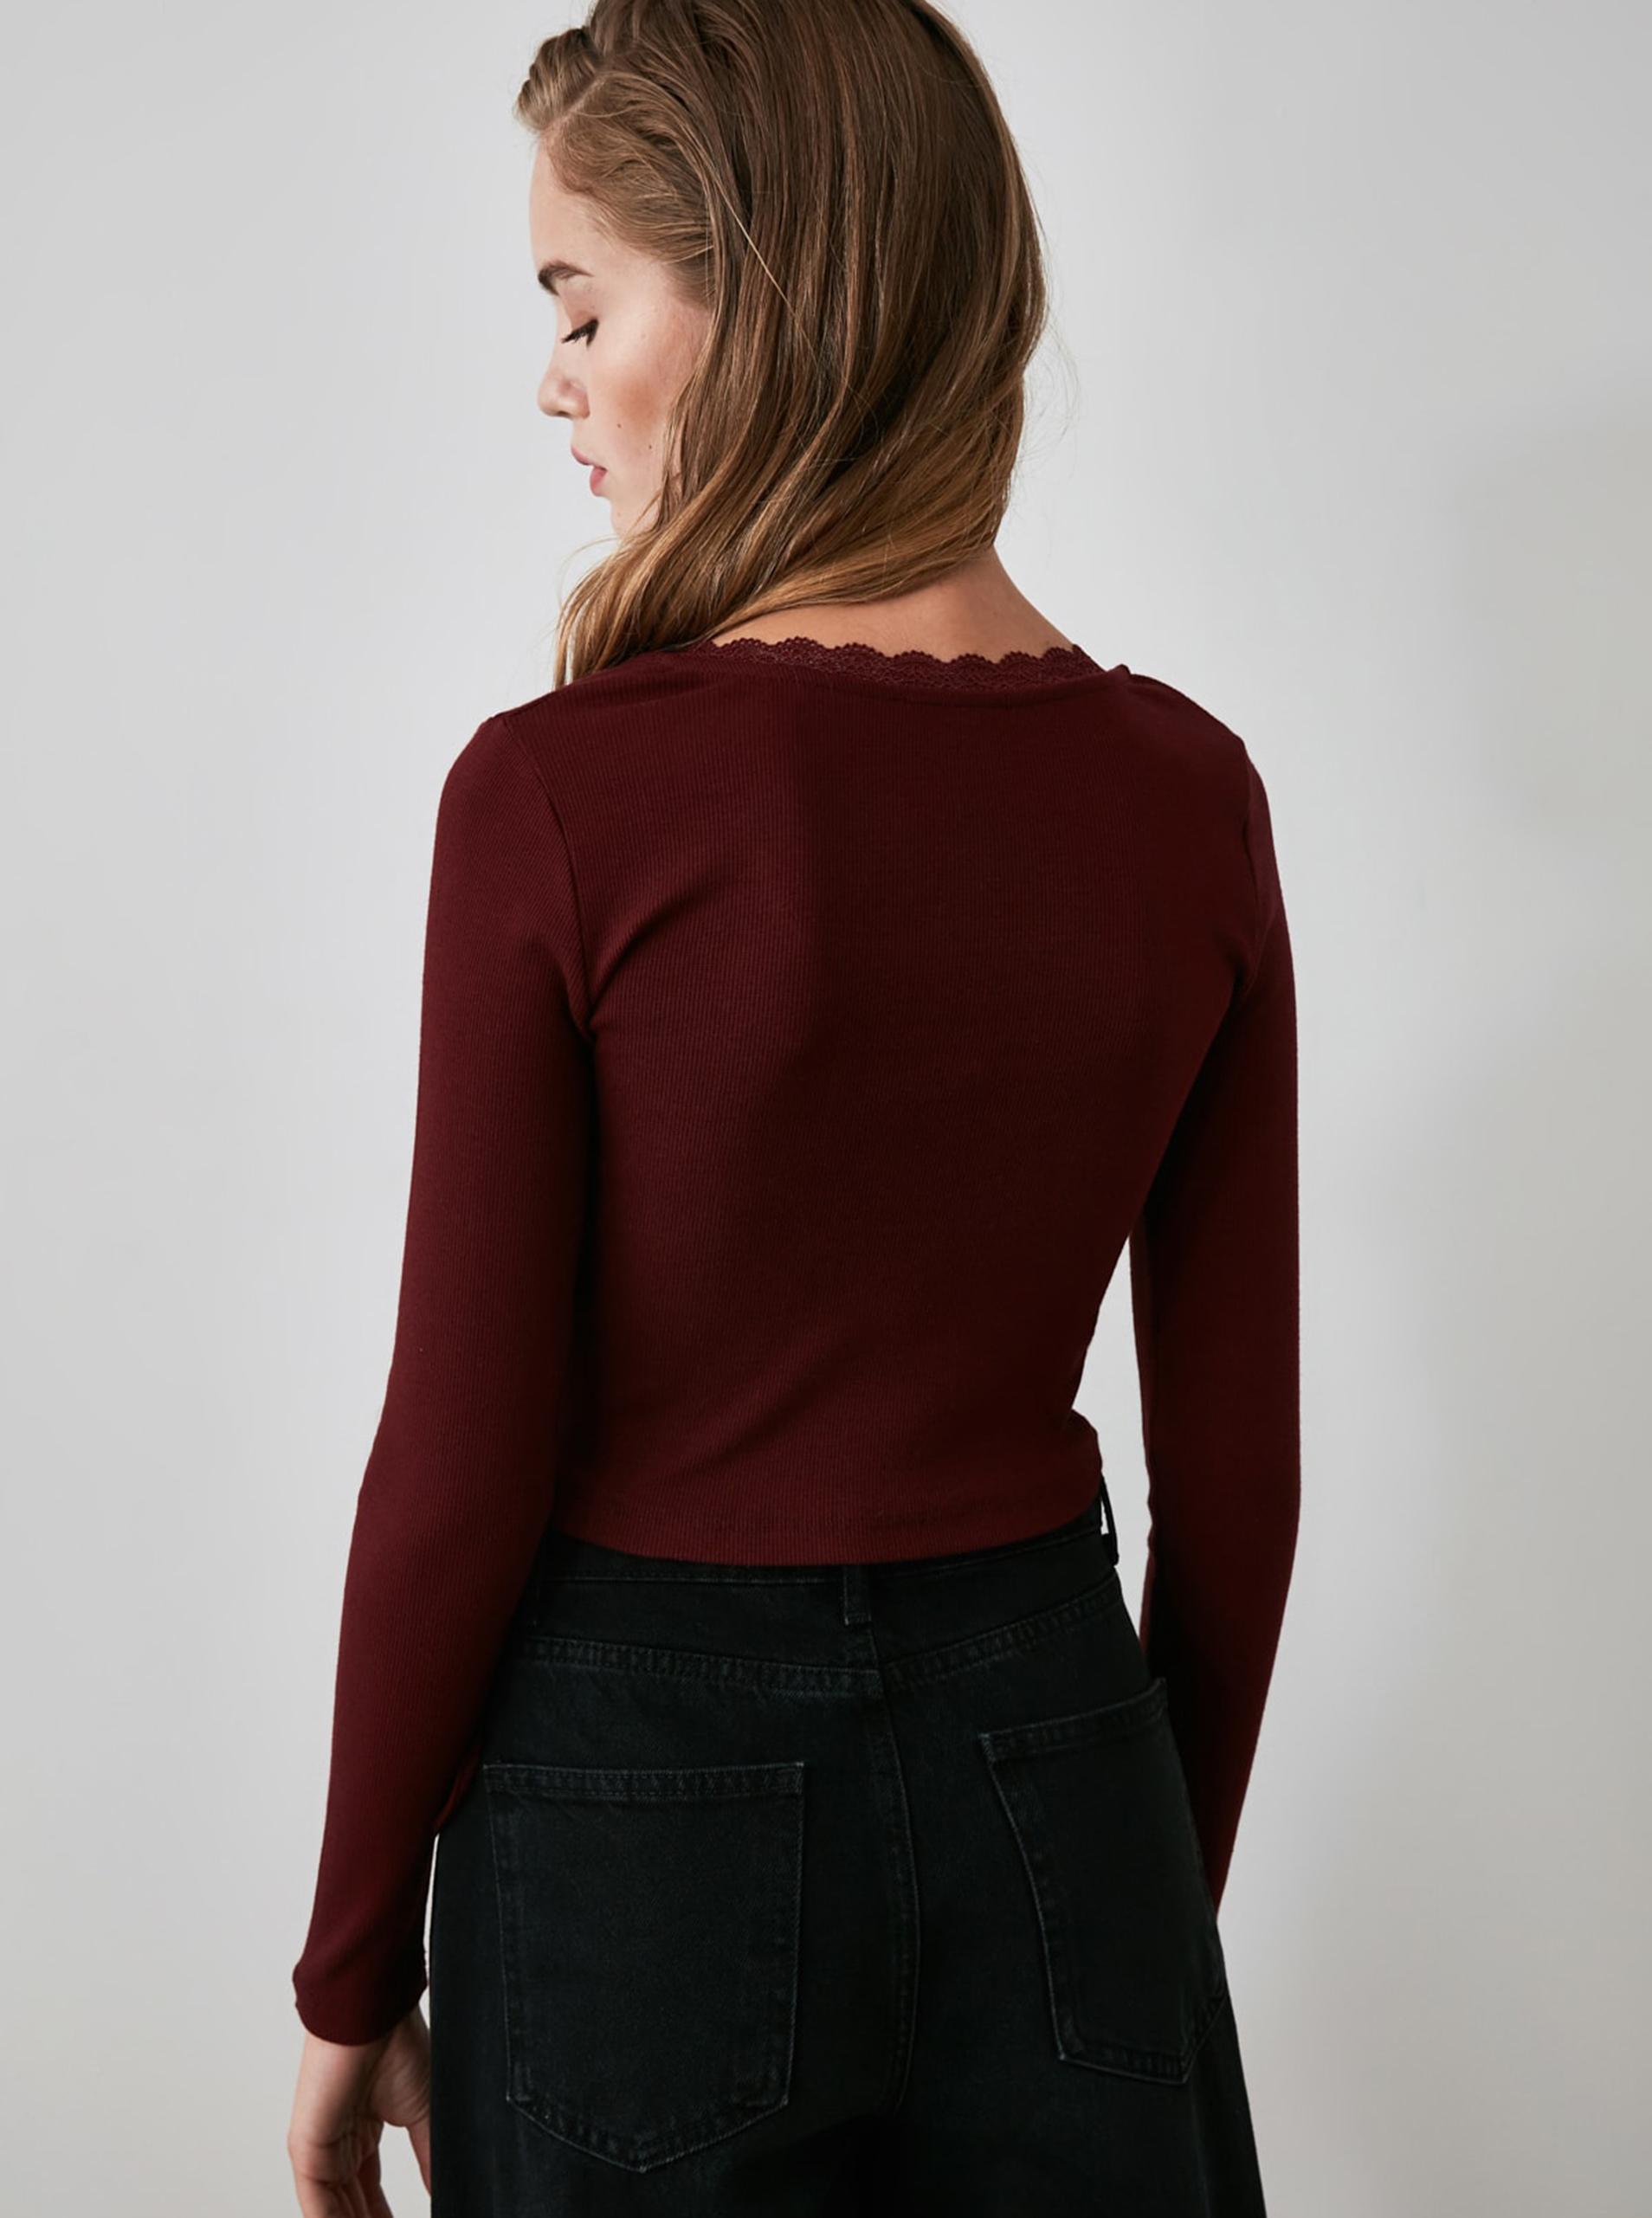 Vínové krátké tričko se zavazováním Trendyol